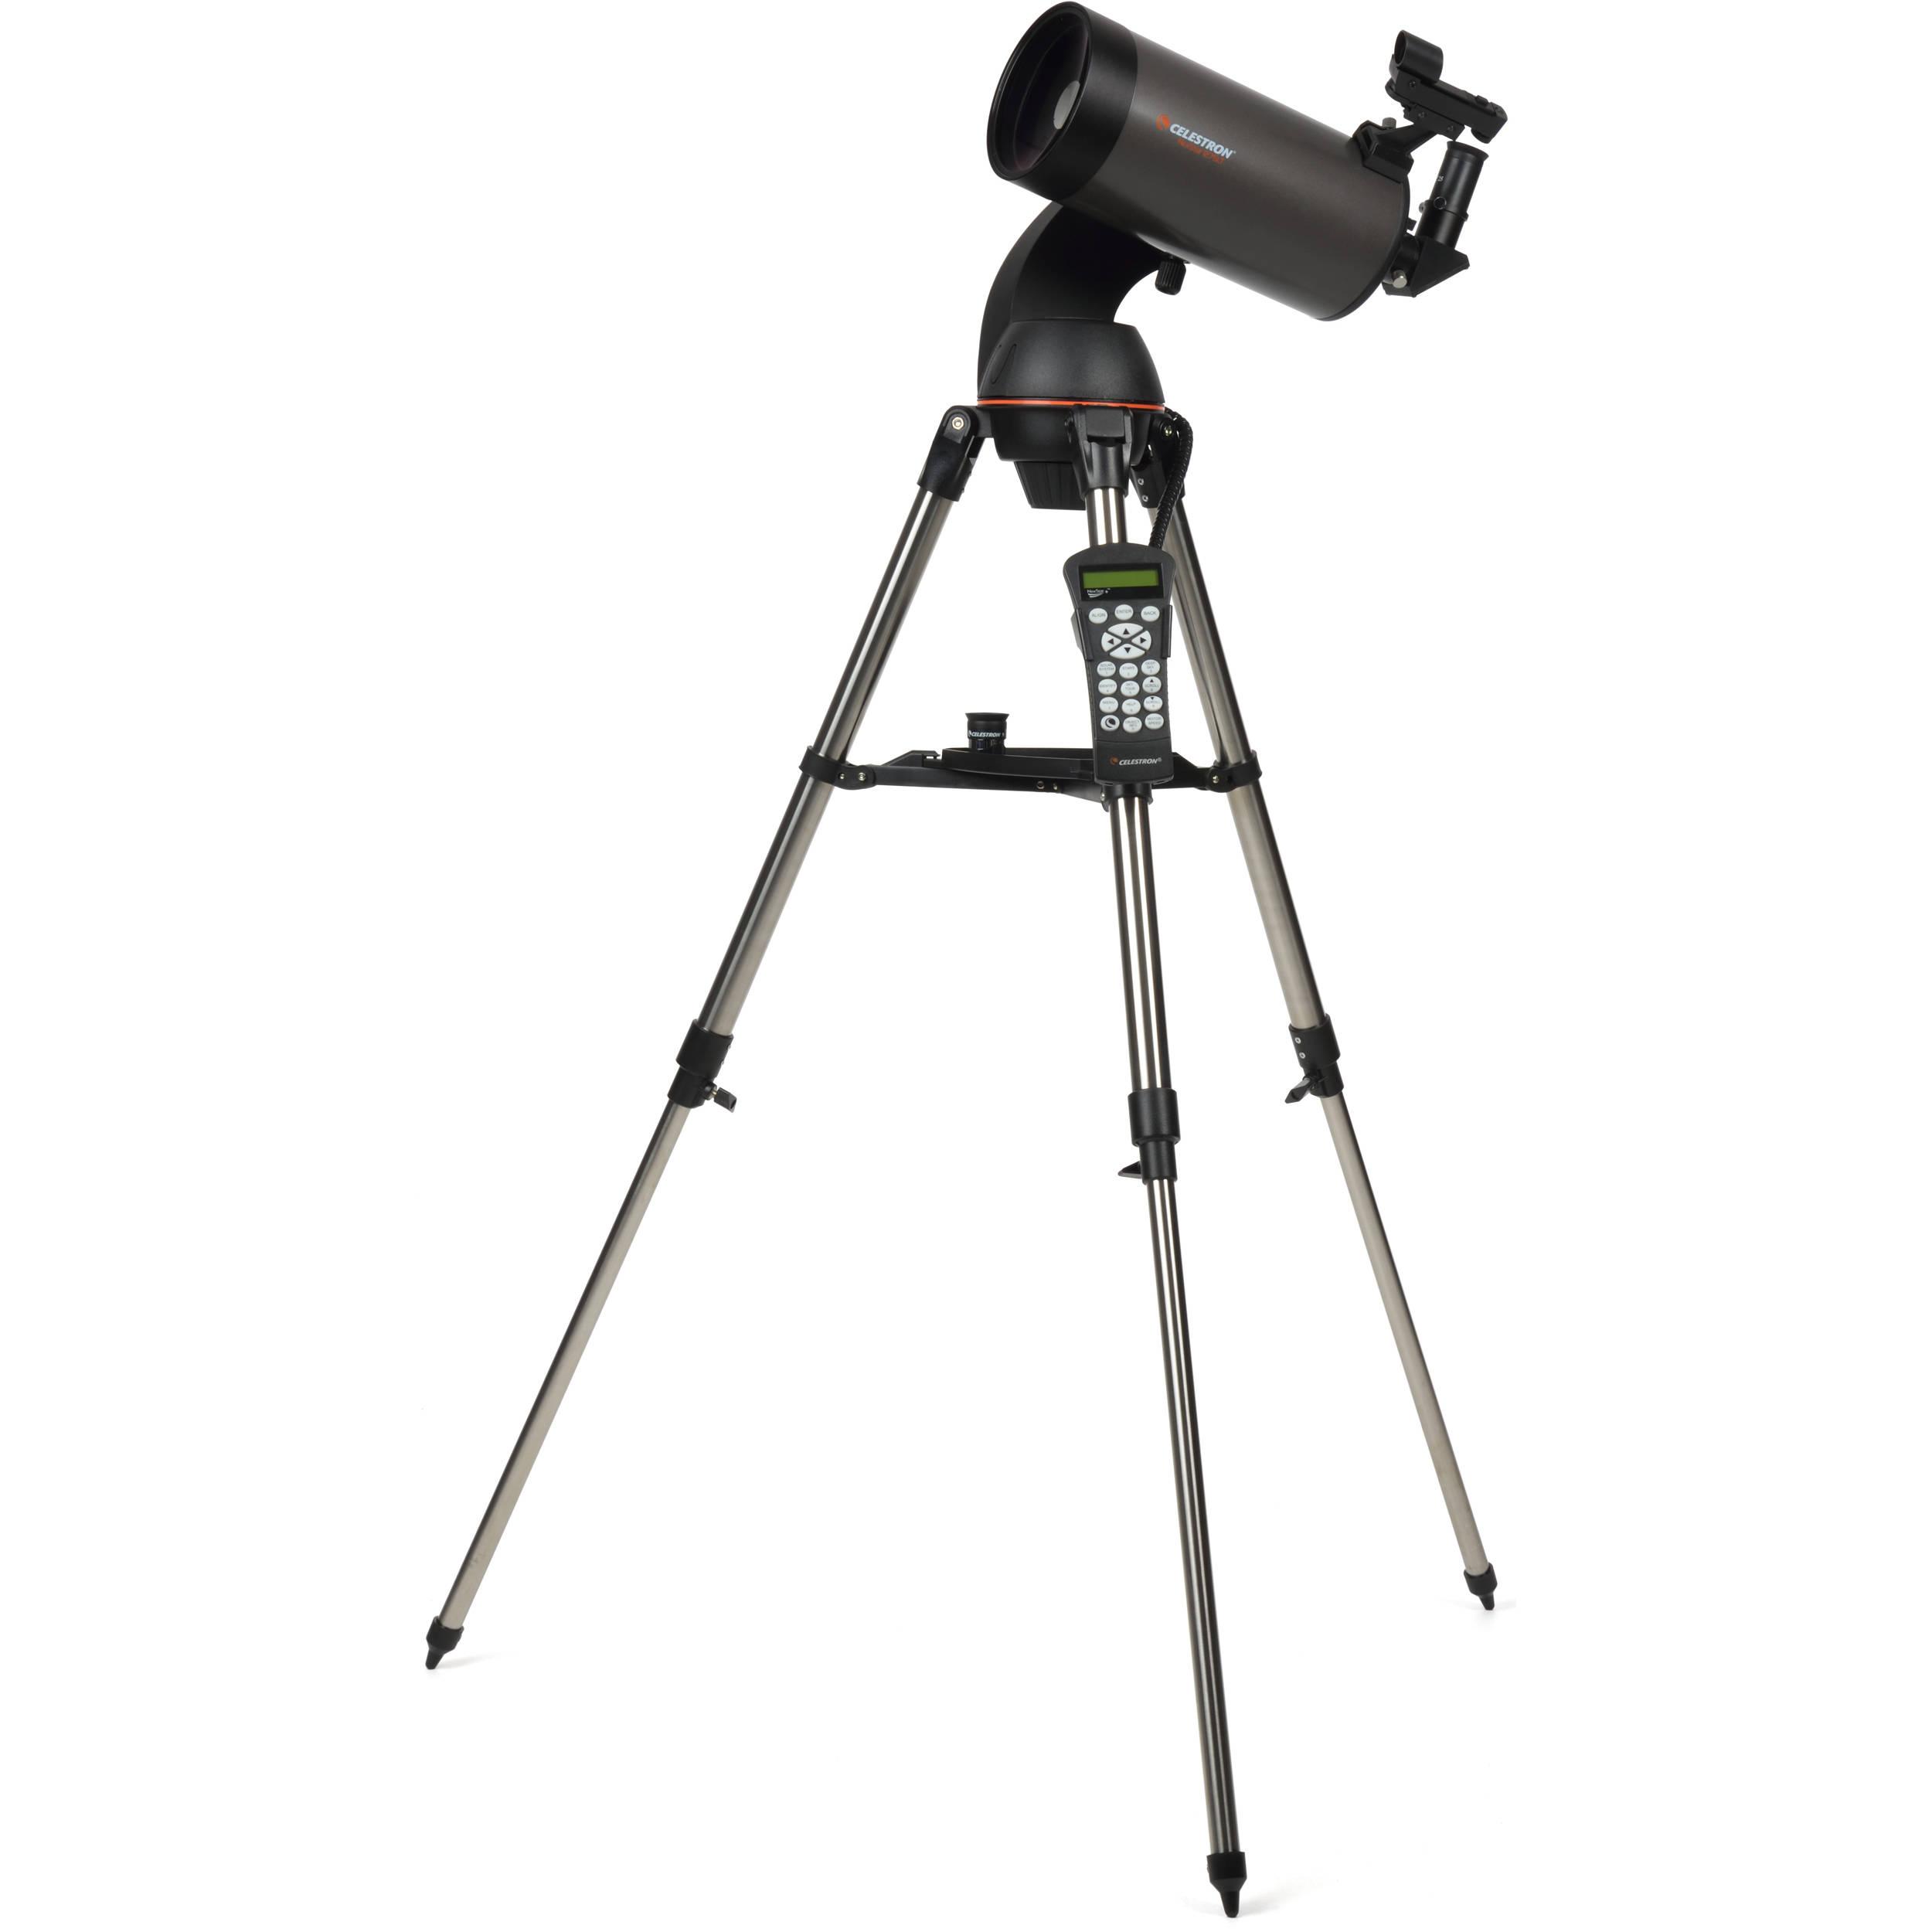 Телескоп Celestron NexStar 127 SLT, Максутов-Кассегрен, Автонаведение, GoTo (22097)